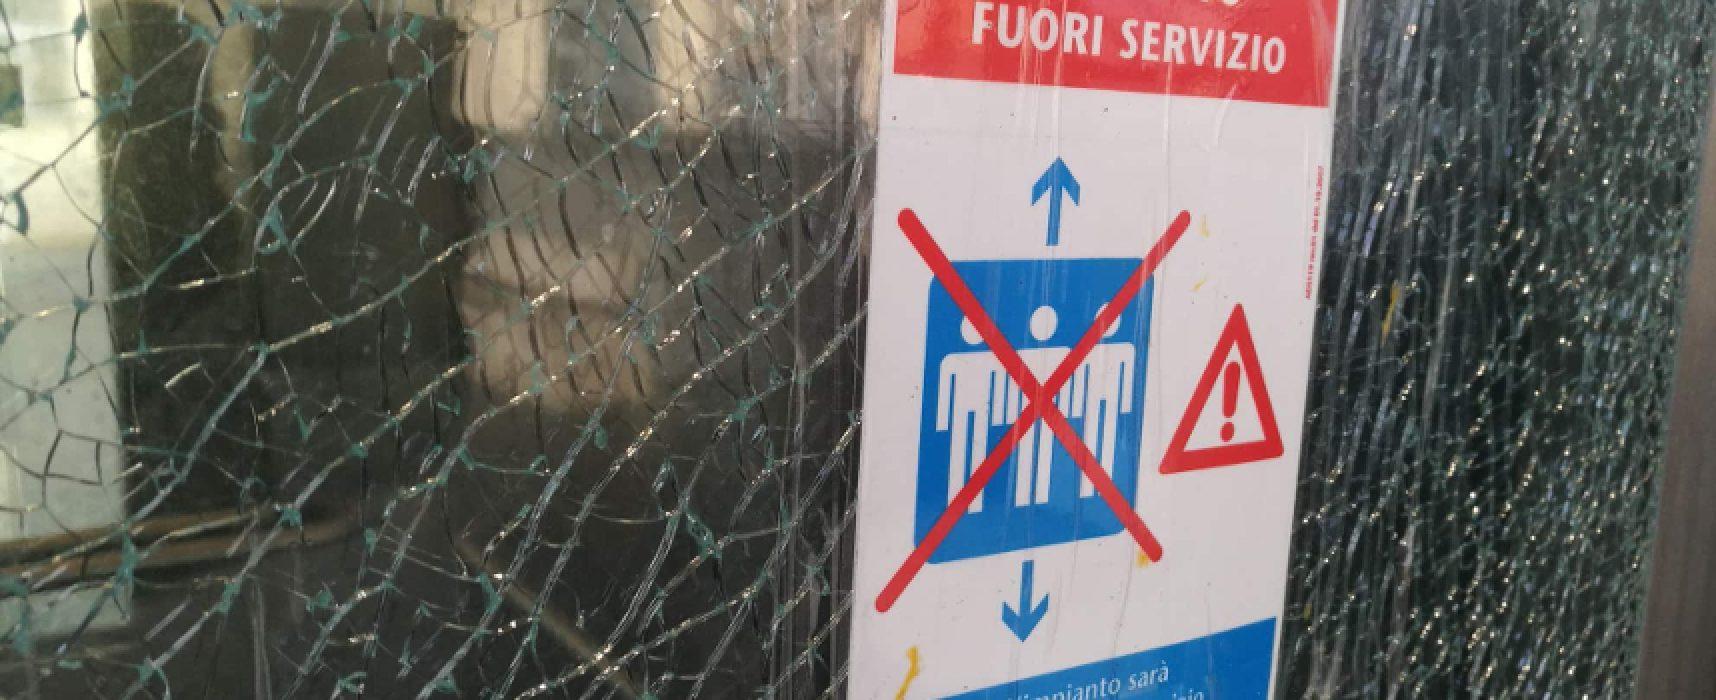 """Stazione, rotto vetro ascensore, Angarano: """"Serve fronteggiare inciviltà. Sarcasmo è inutile"""""""